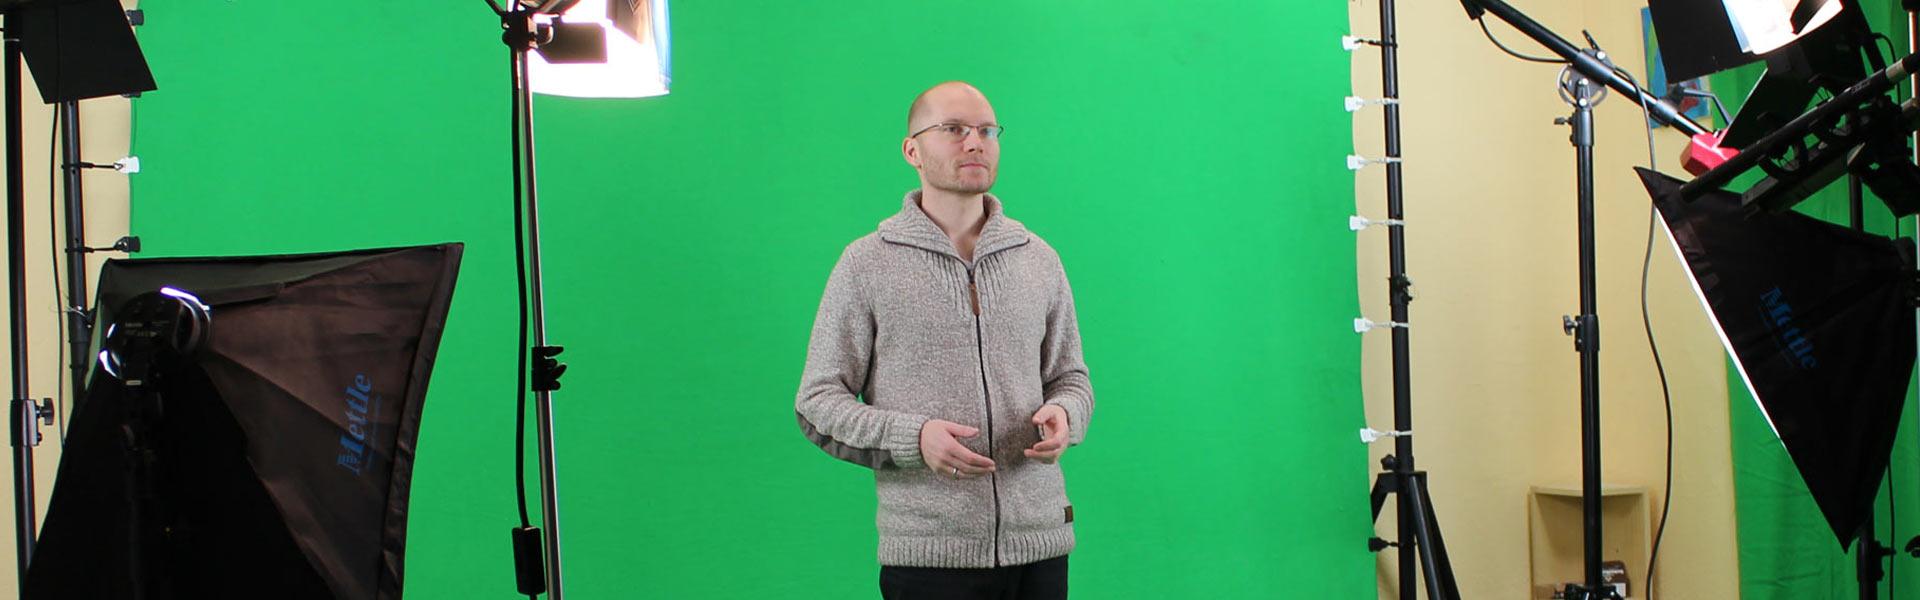 Produzieren Sie Ihren Recruitingfilm mit Pionierfilm.